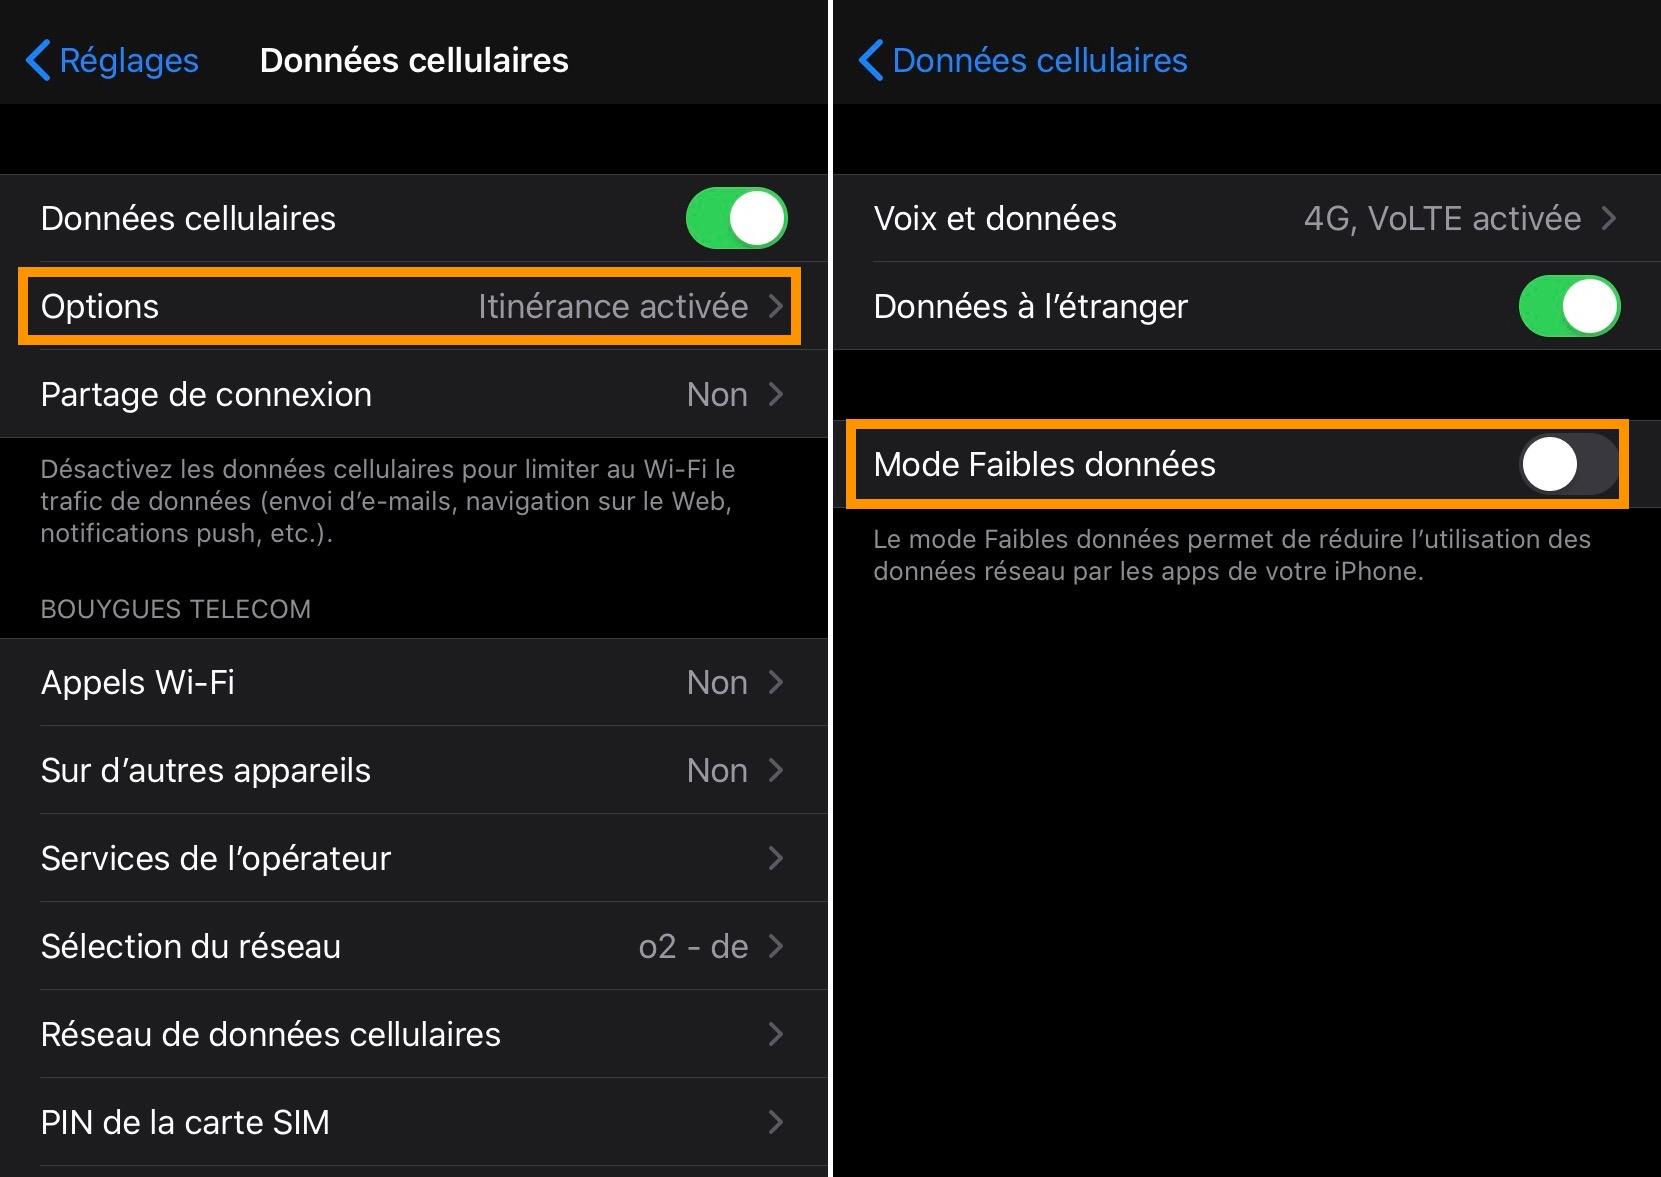 iOS 13 mode faible données cellulaires